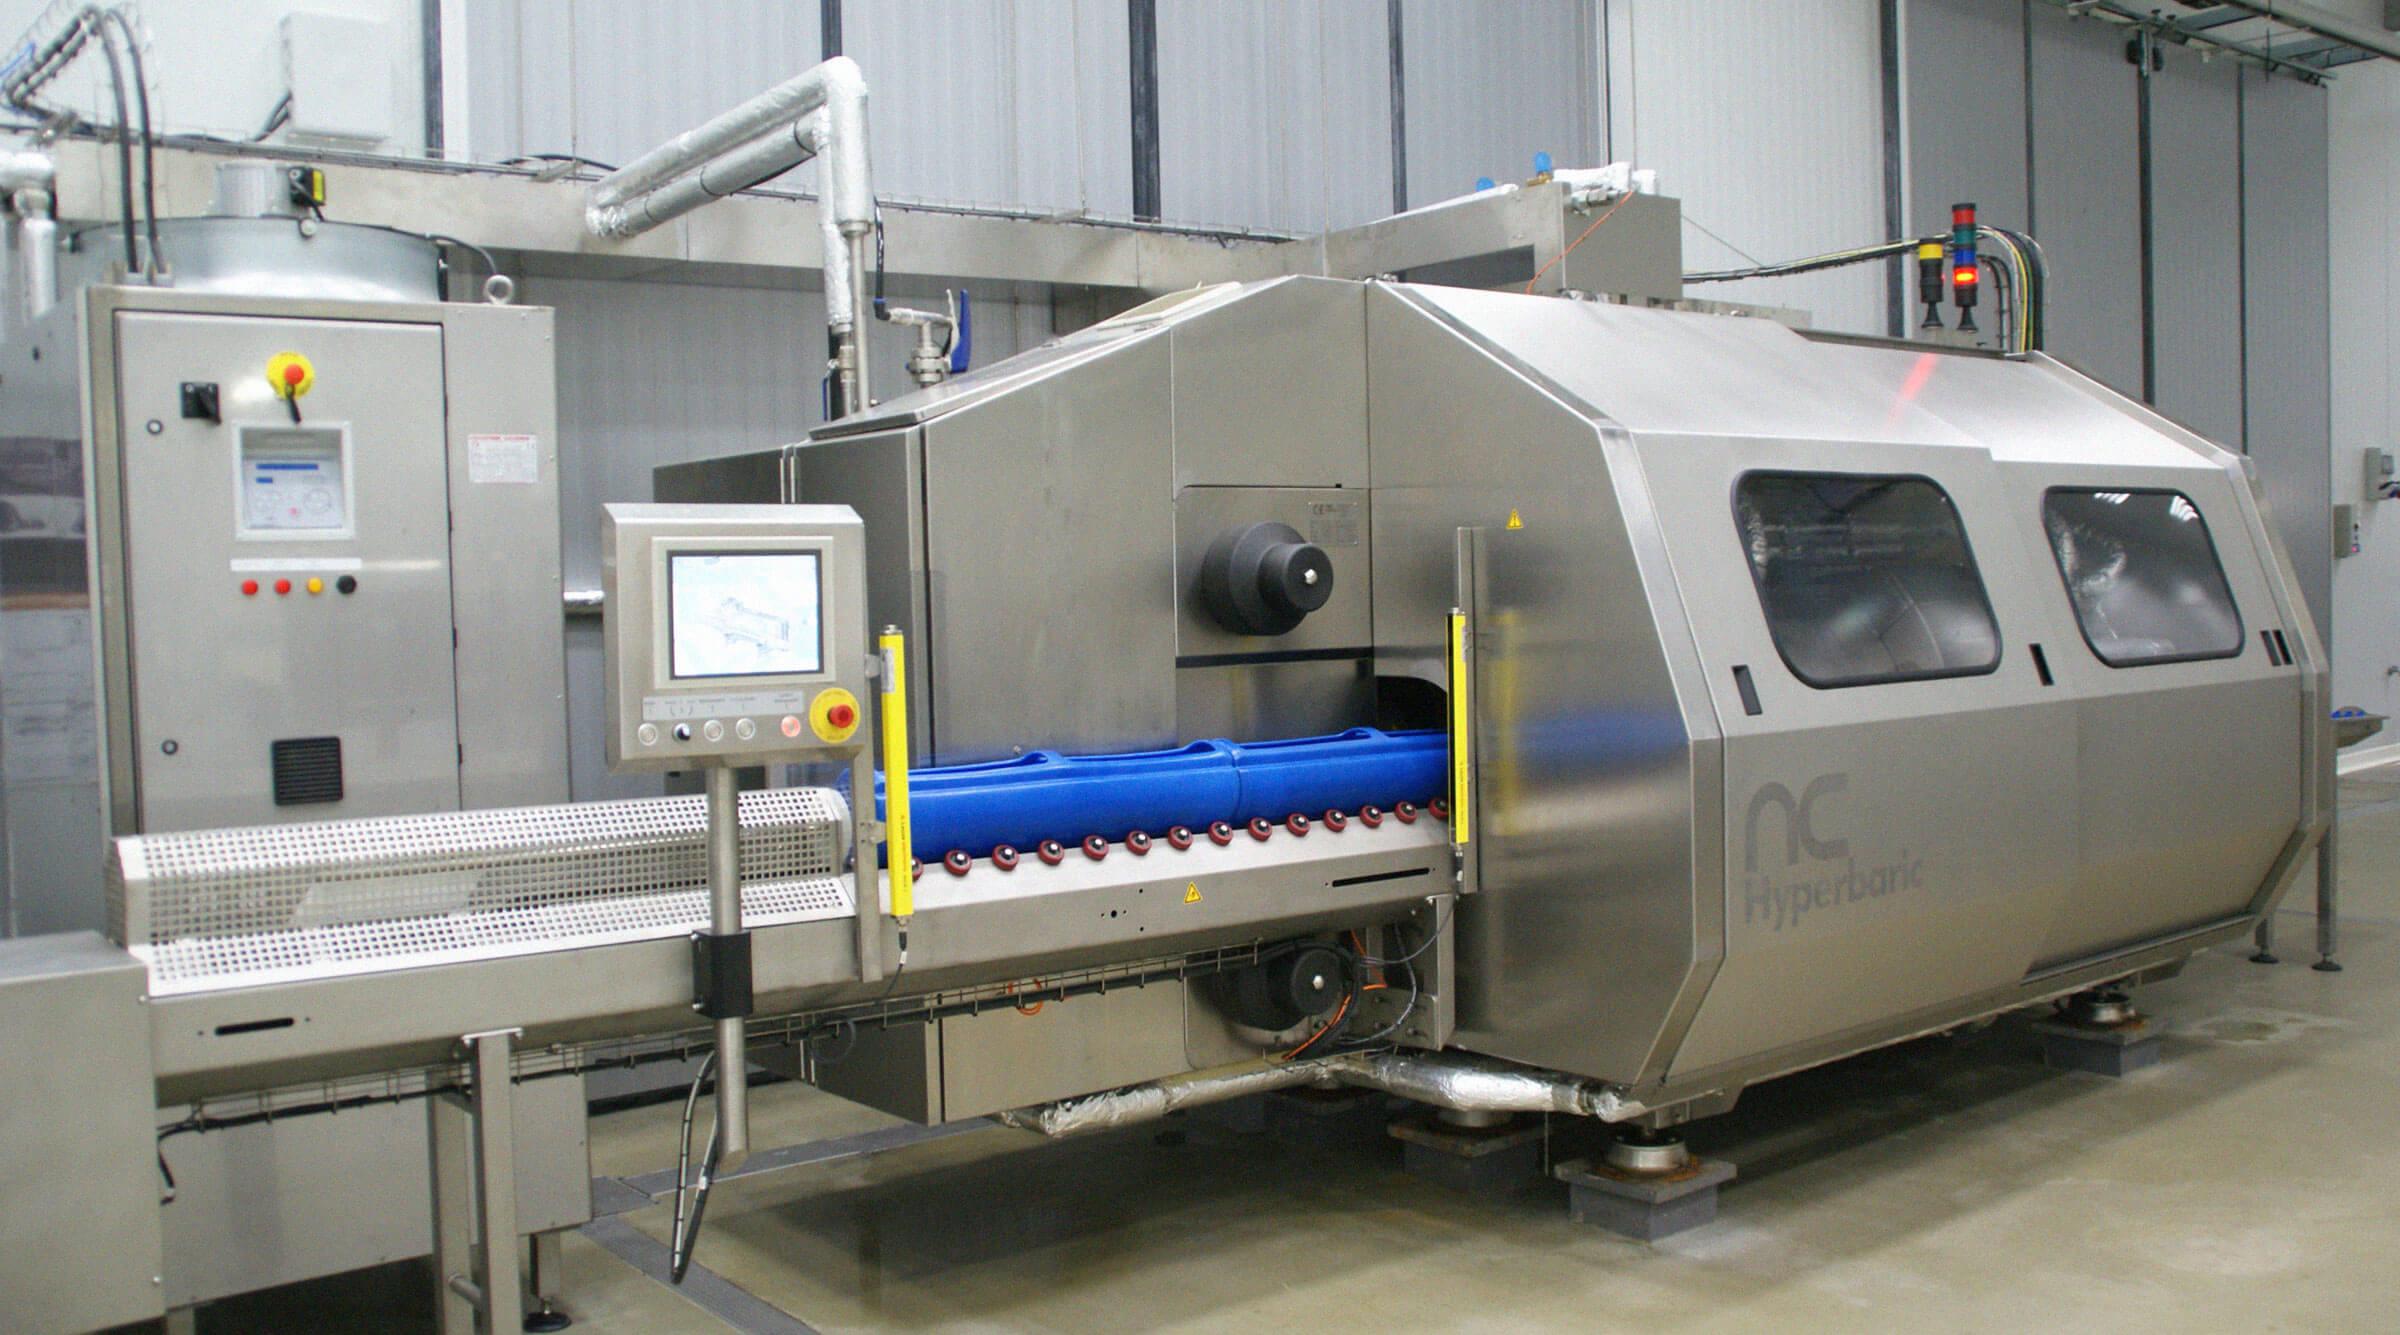 maquina-instalacion-tratamiento-altas-presiones-para-desarrollo-nuevos-productos-azti